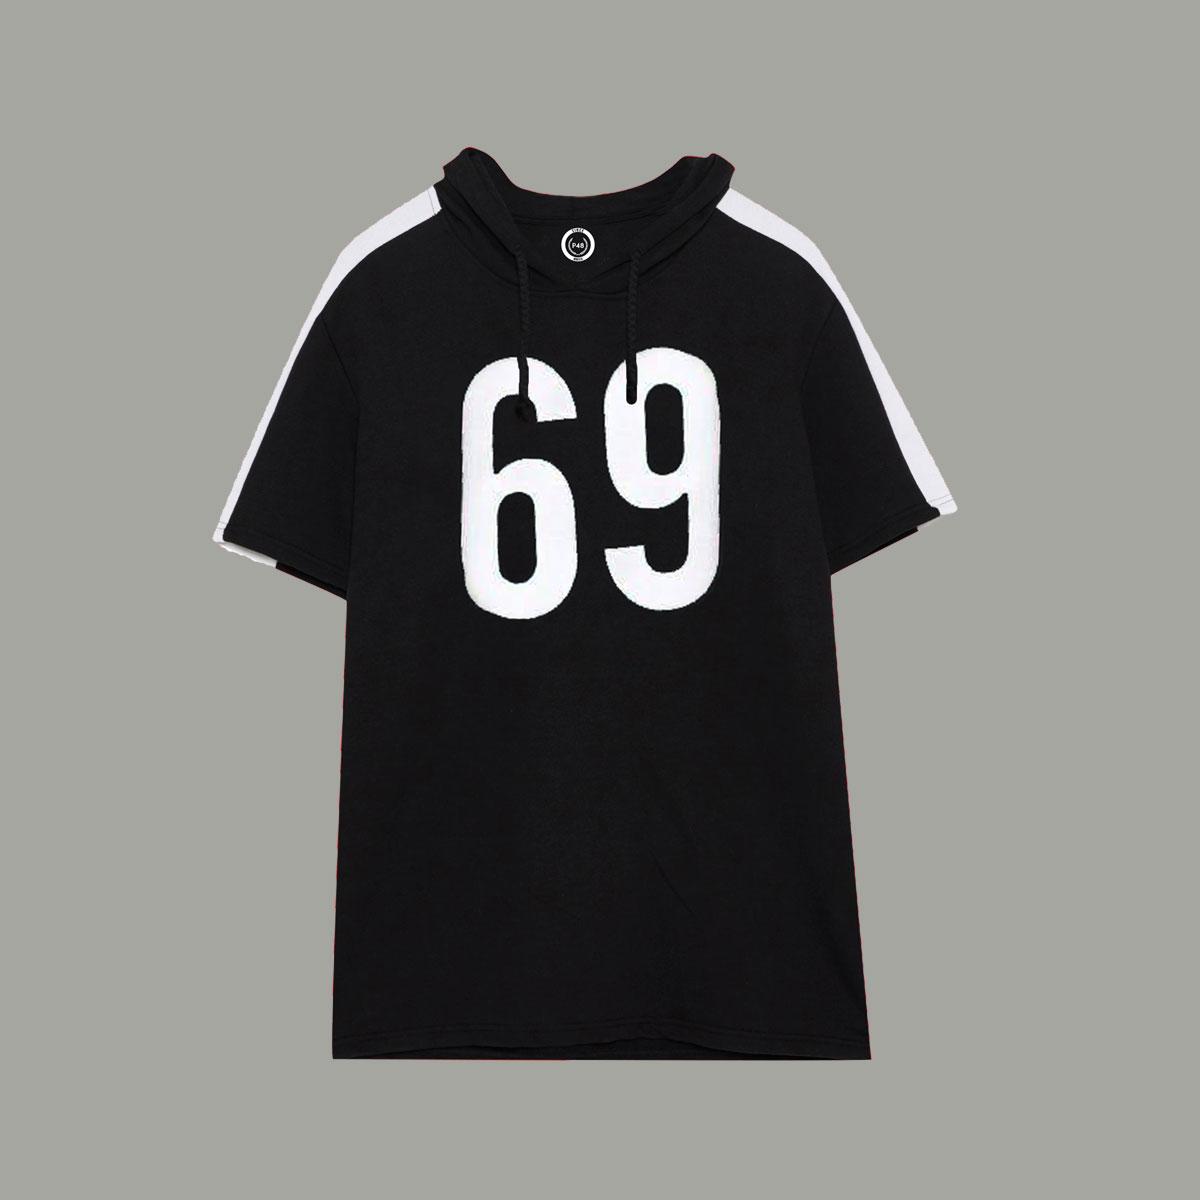 69 Short Sleeve Hoodie - Black